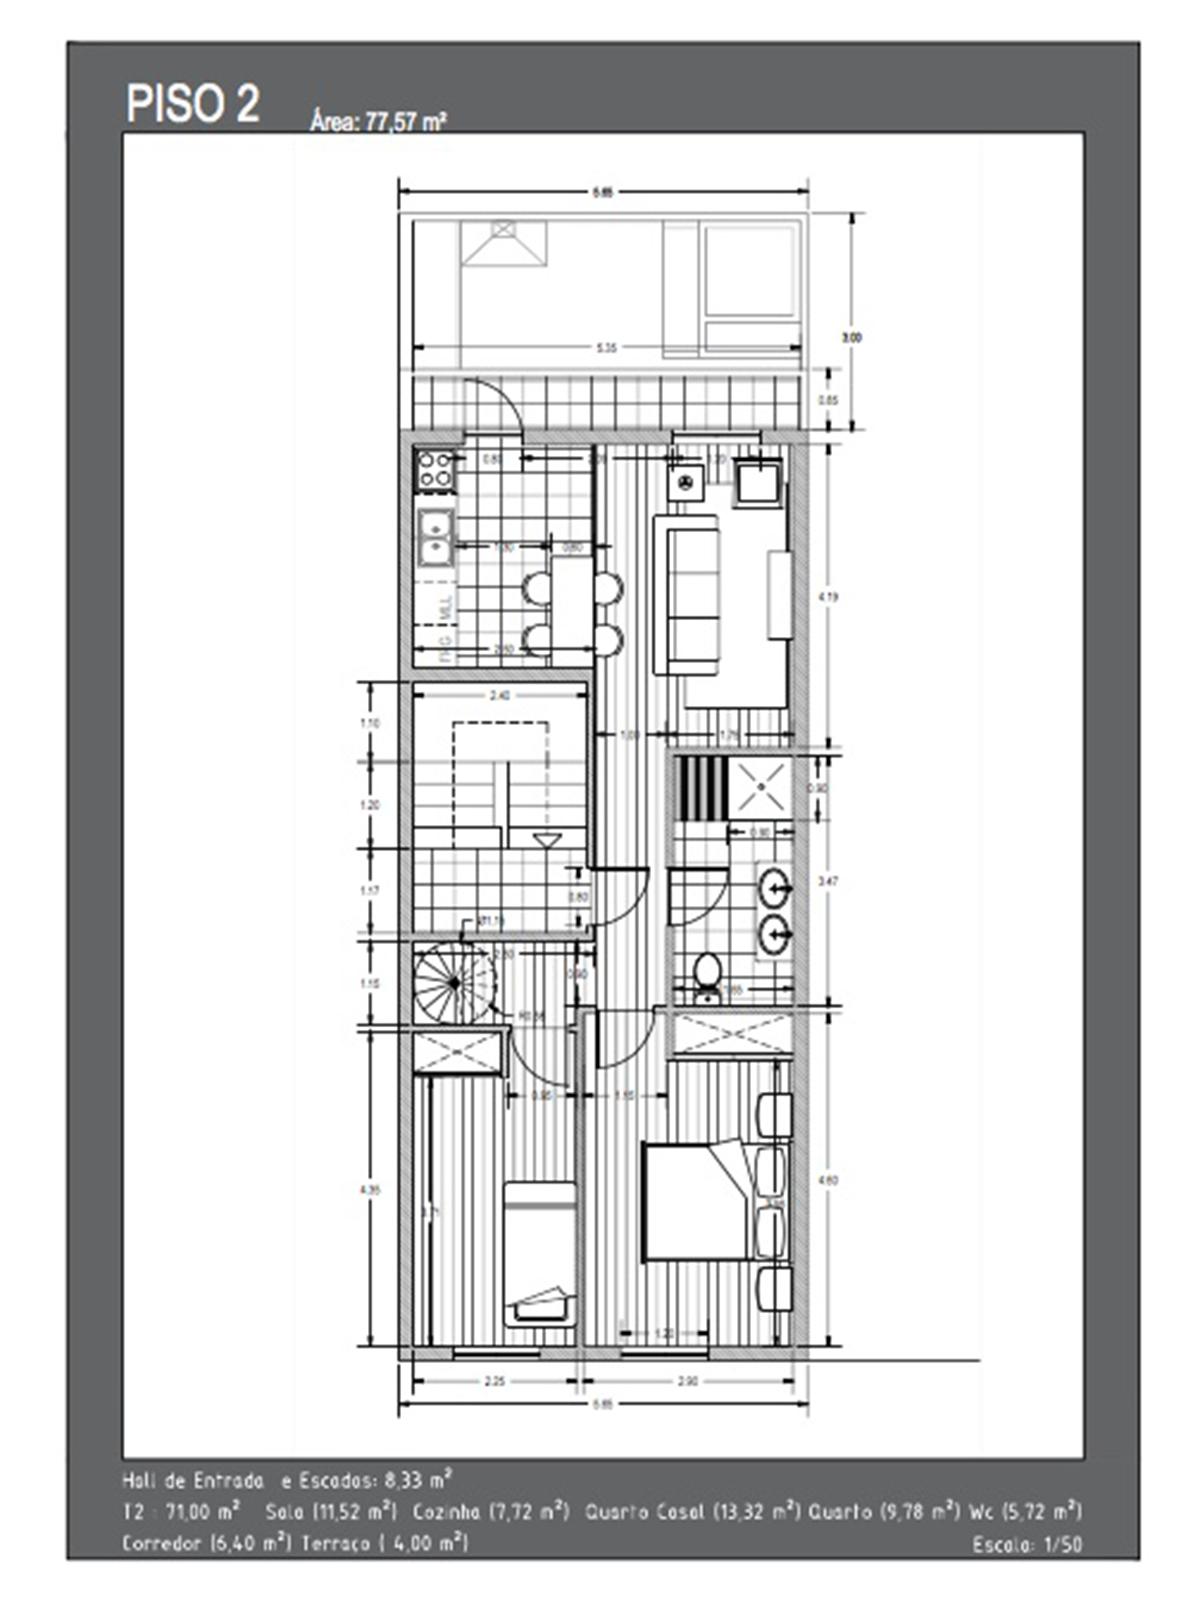 Remodelled Building in União das Freguesias de Setúbal – 231.3 m²